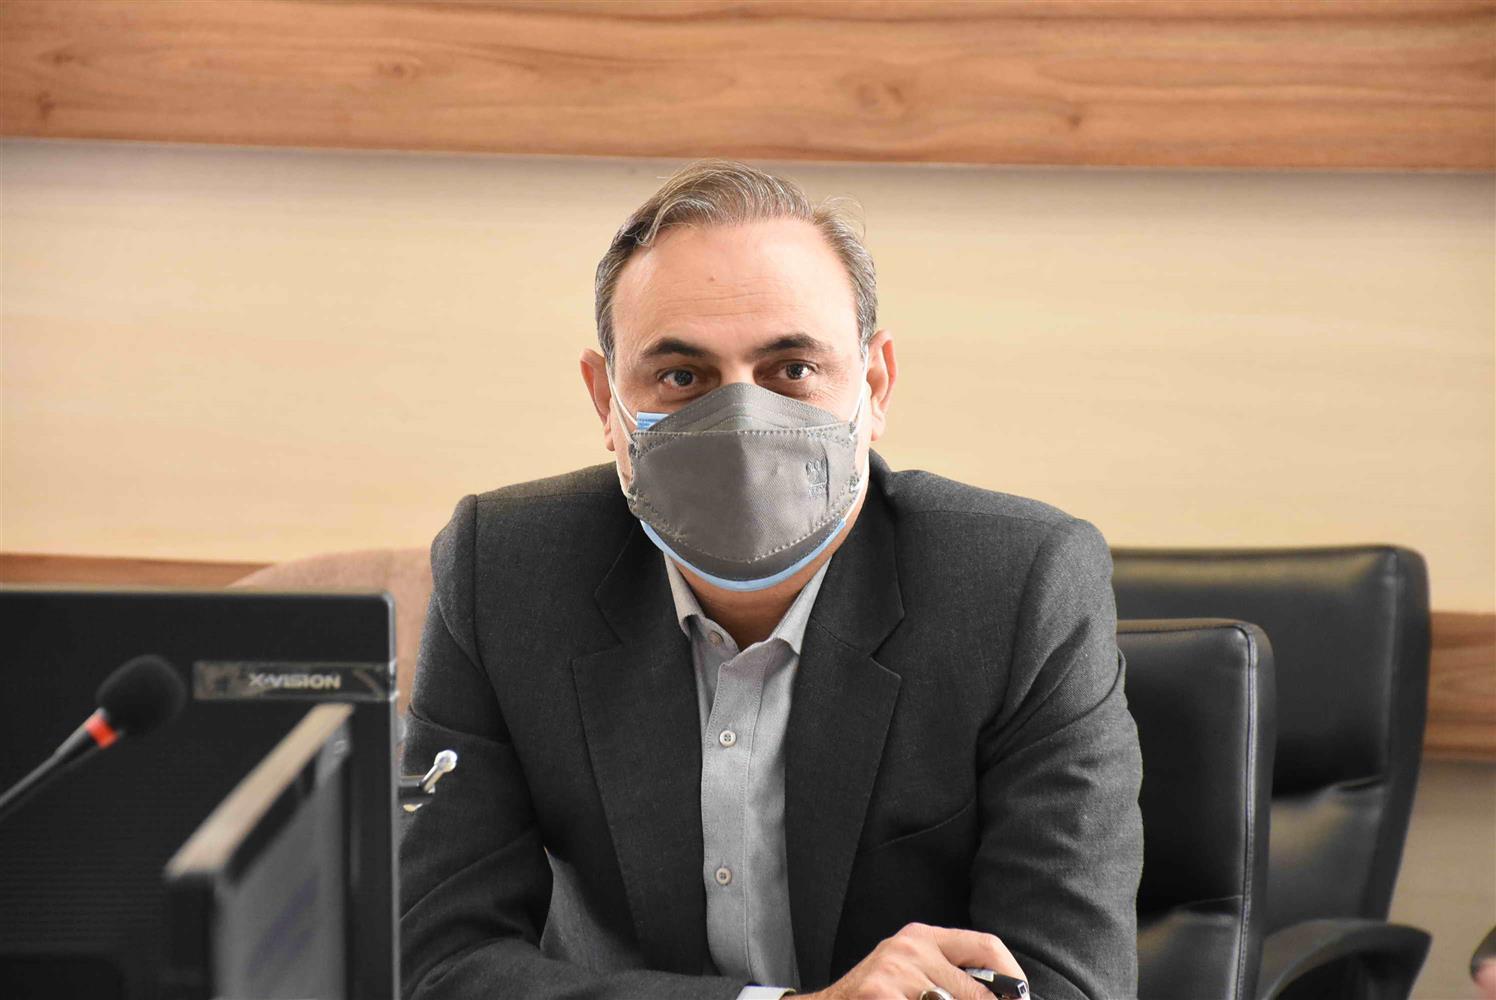 در رسانه   سنگینتر شدن سکوت دنیای ناشنوایان در هیاهوی بحران کرونا